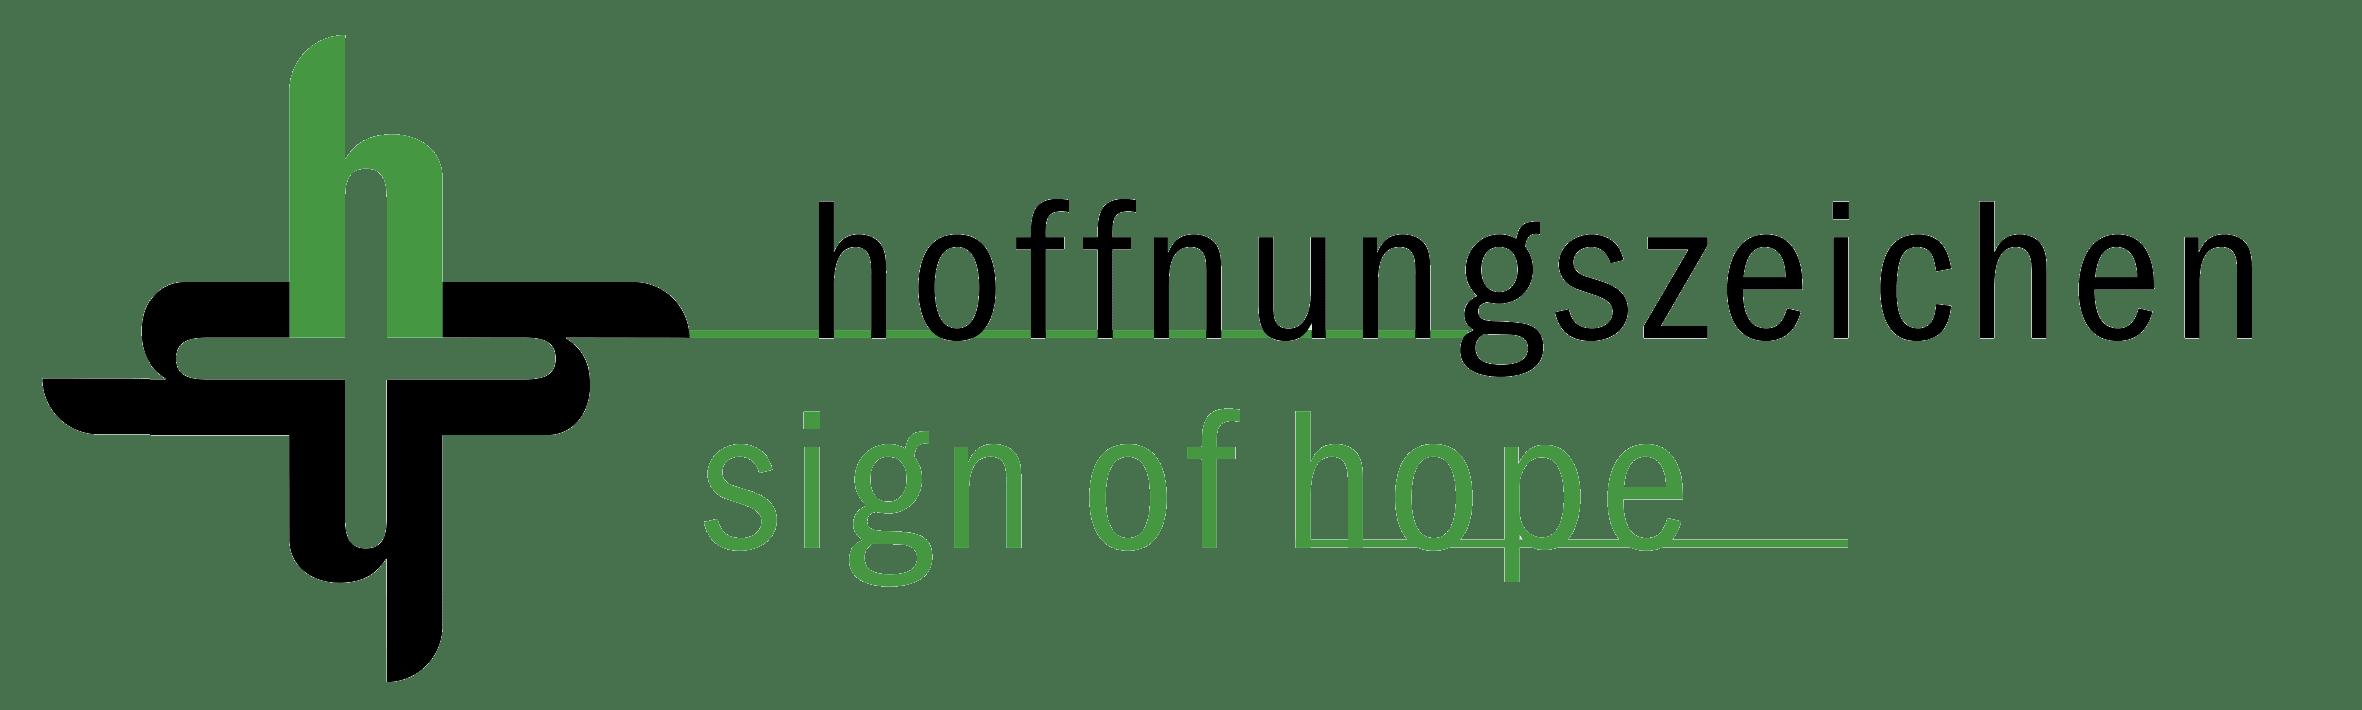 Hoffnungszeichen logo